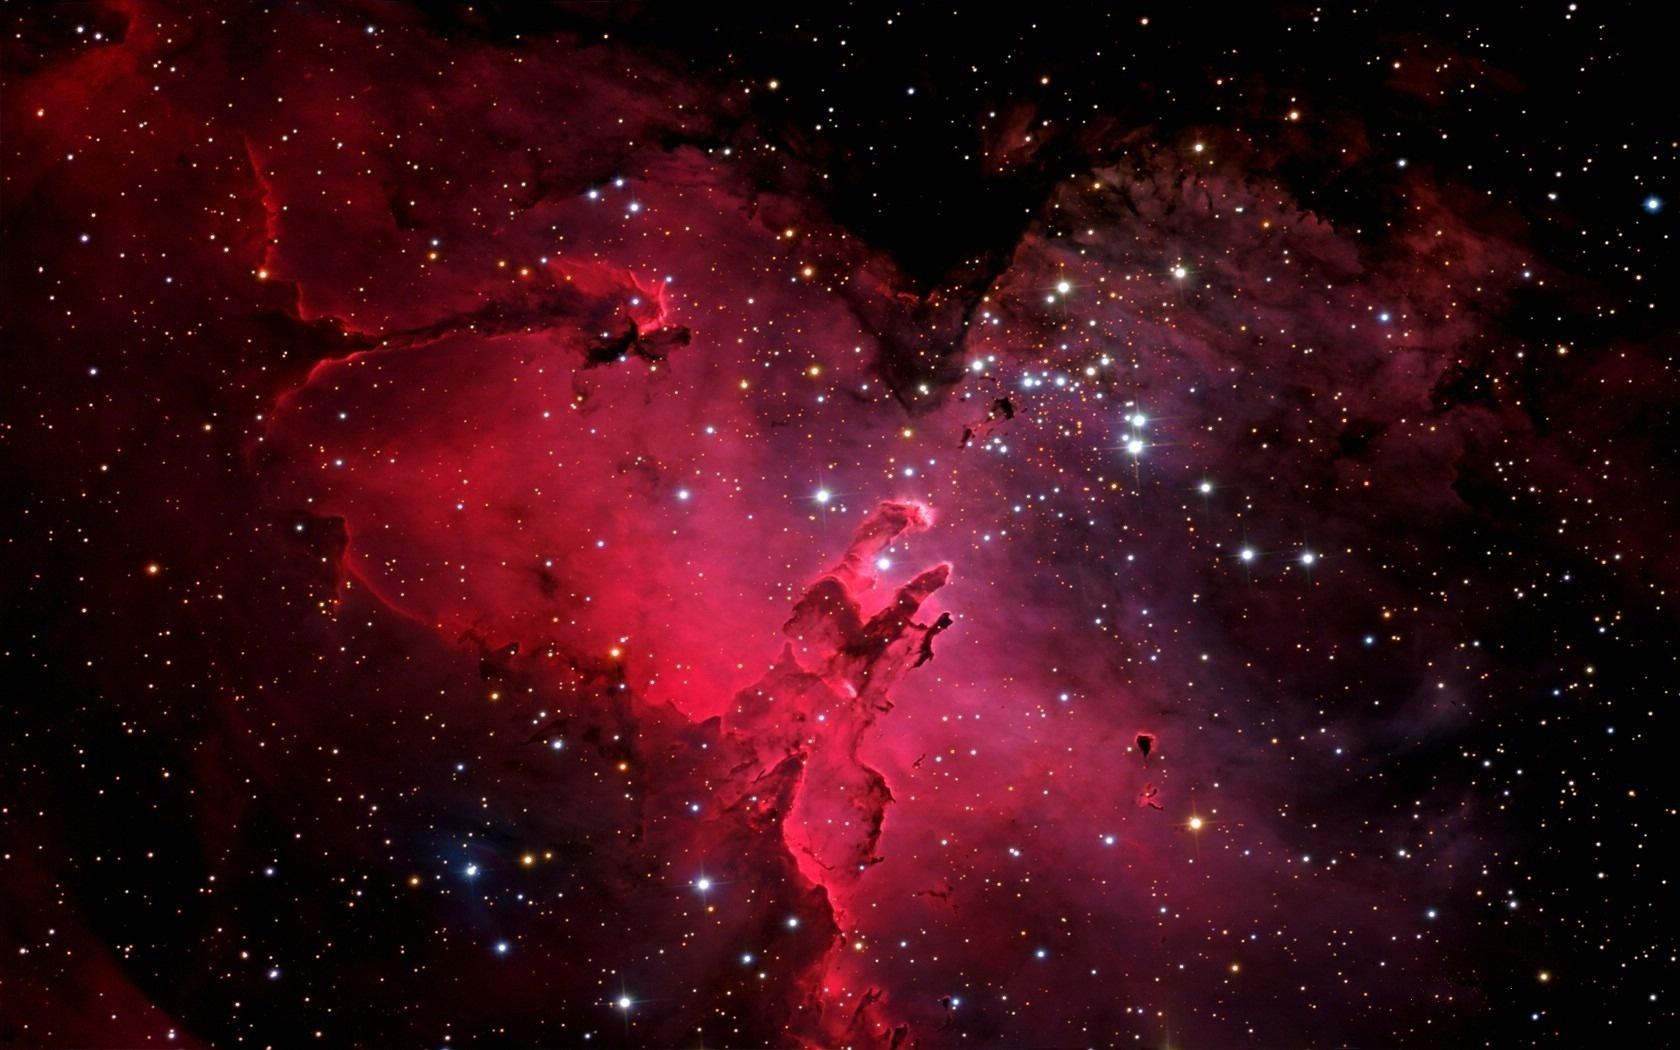 Wallpaper space galaxy nebula stars Eagle Nebula M16 NGC 6611 1680x1050